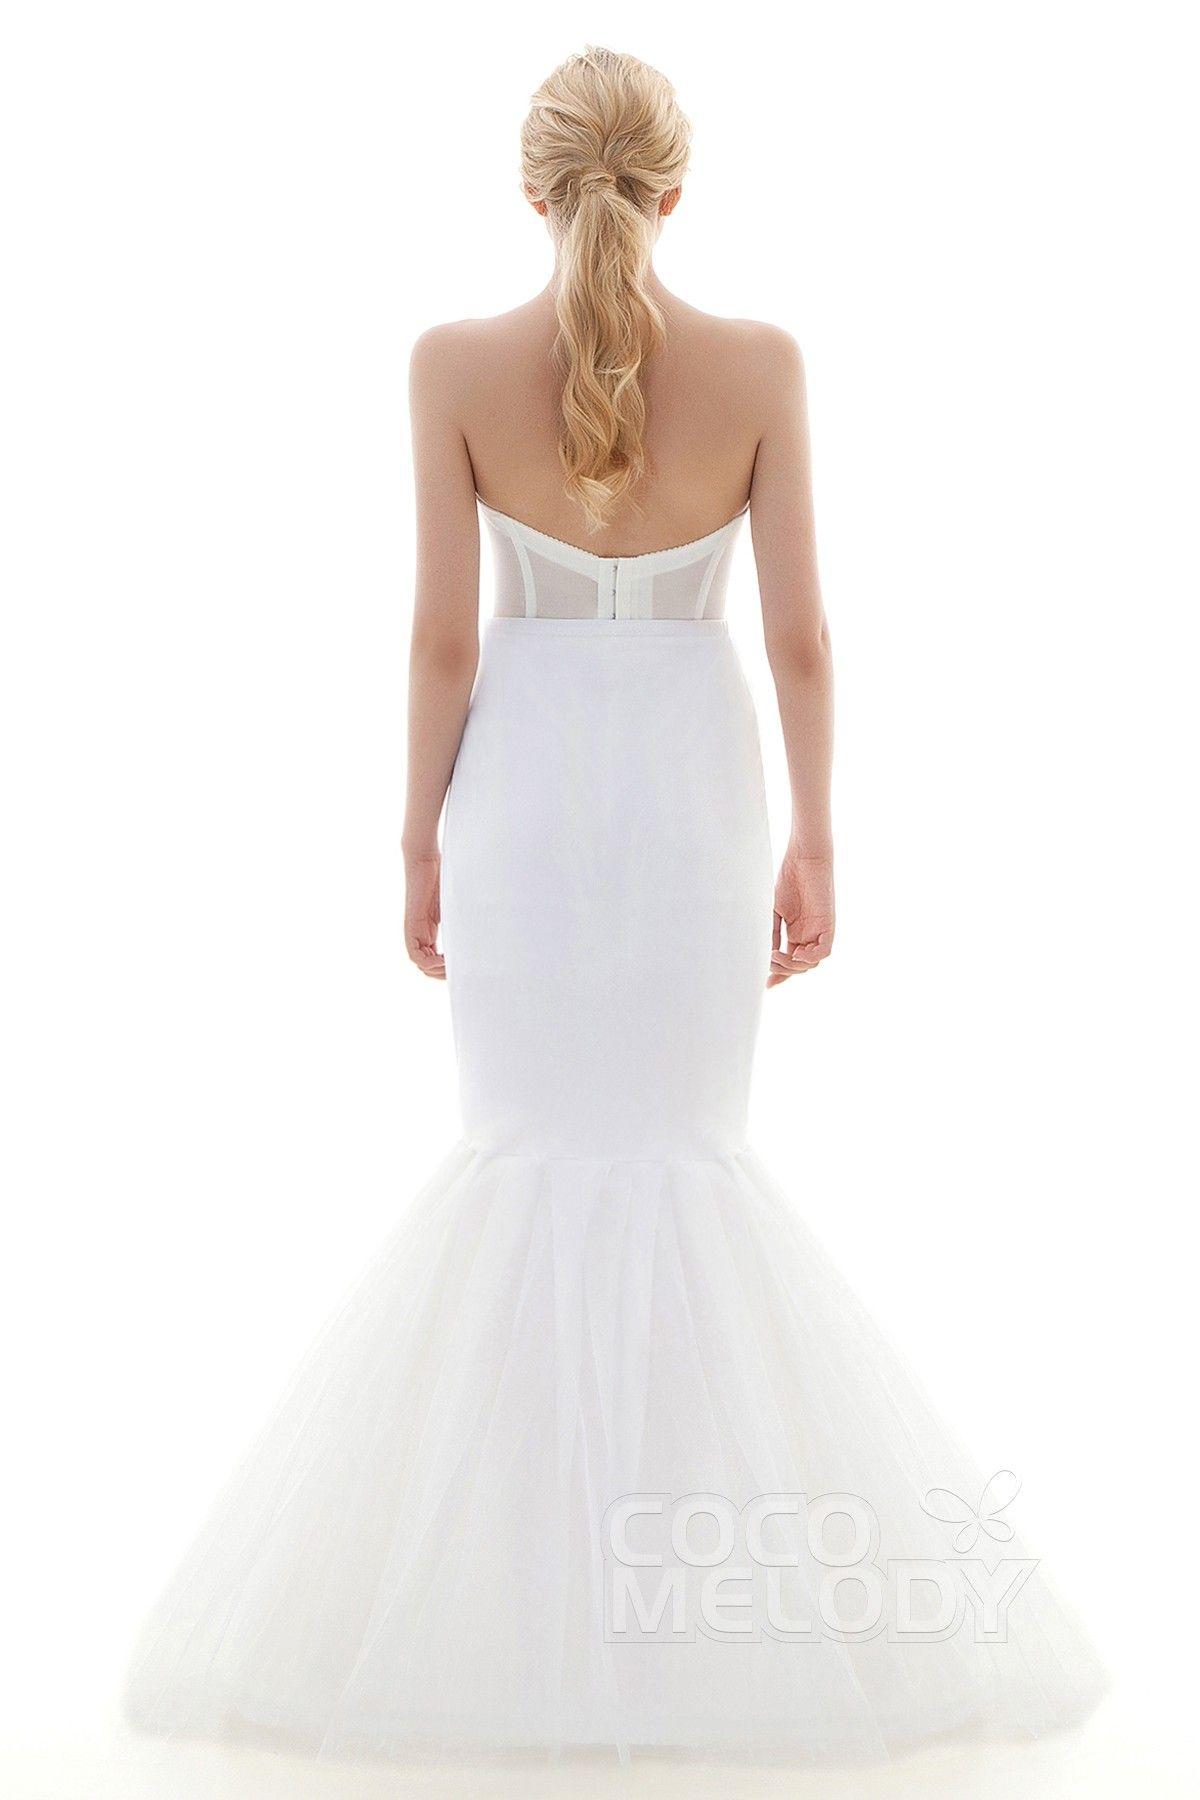 Wedding dress slip  TrumpetMermaid FloorLength Mermaid and Trumpet Gown Slip  Hoop